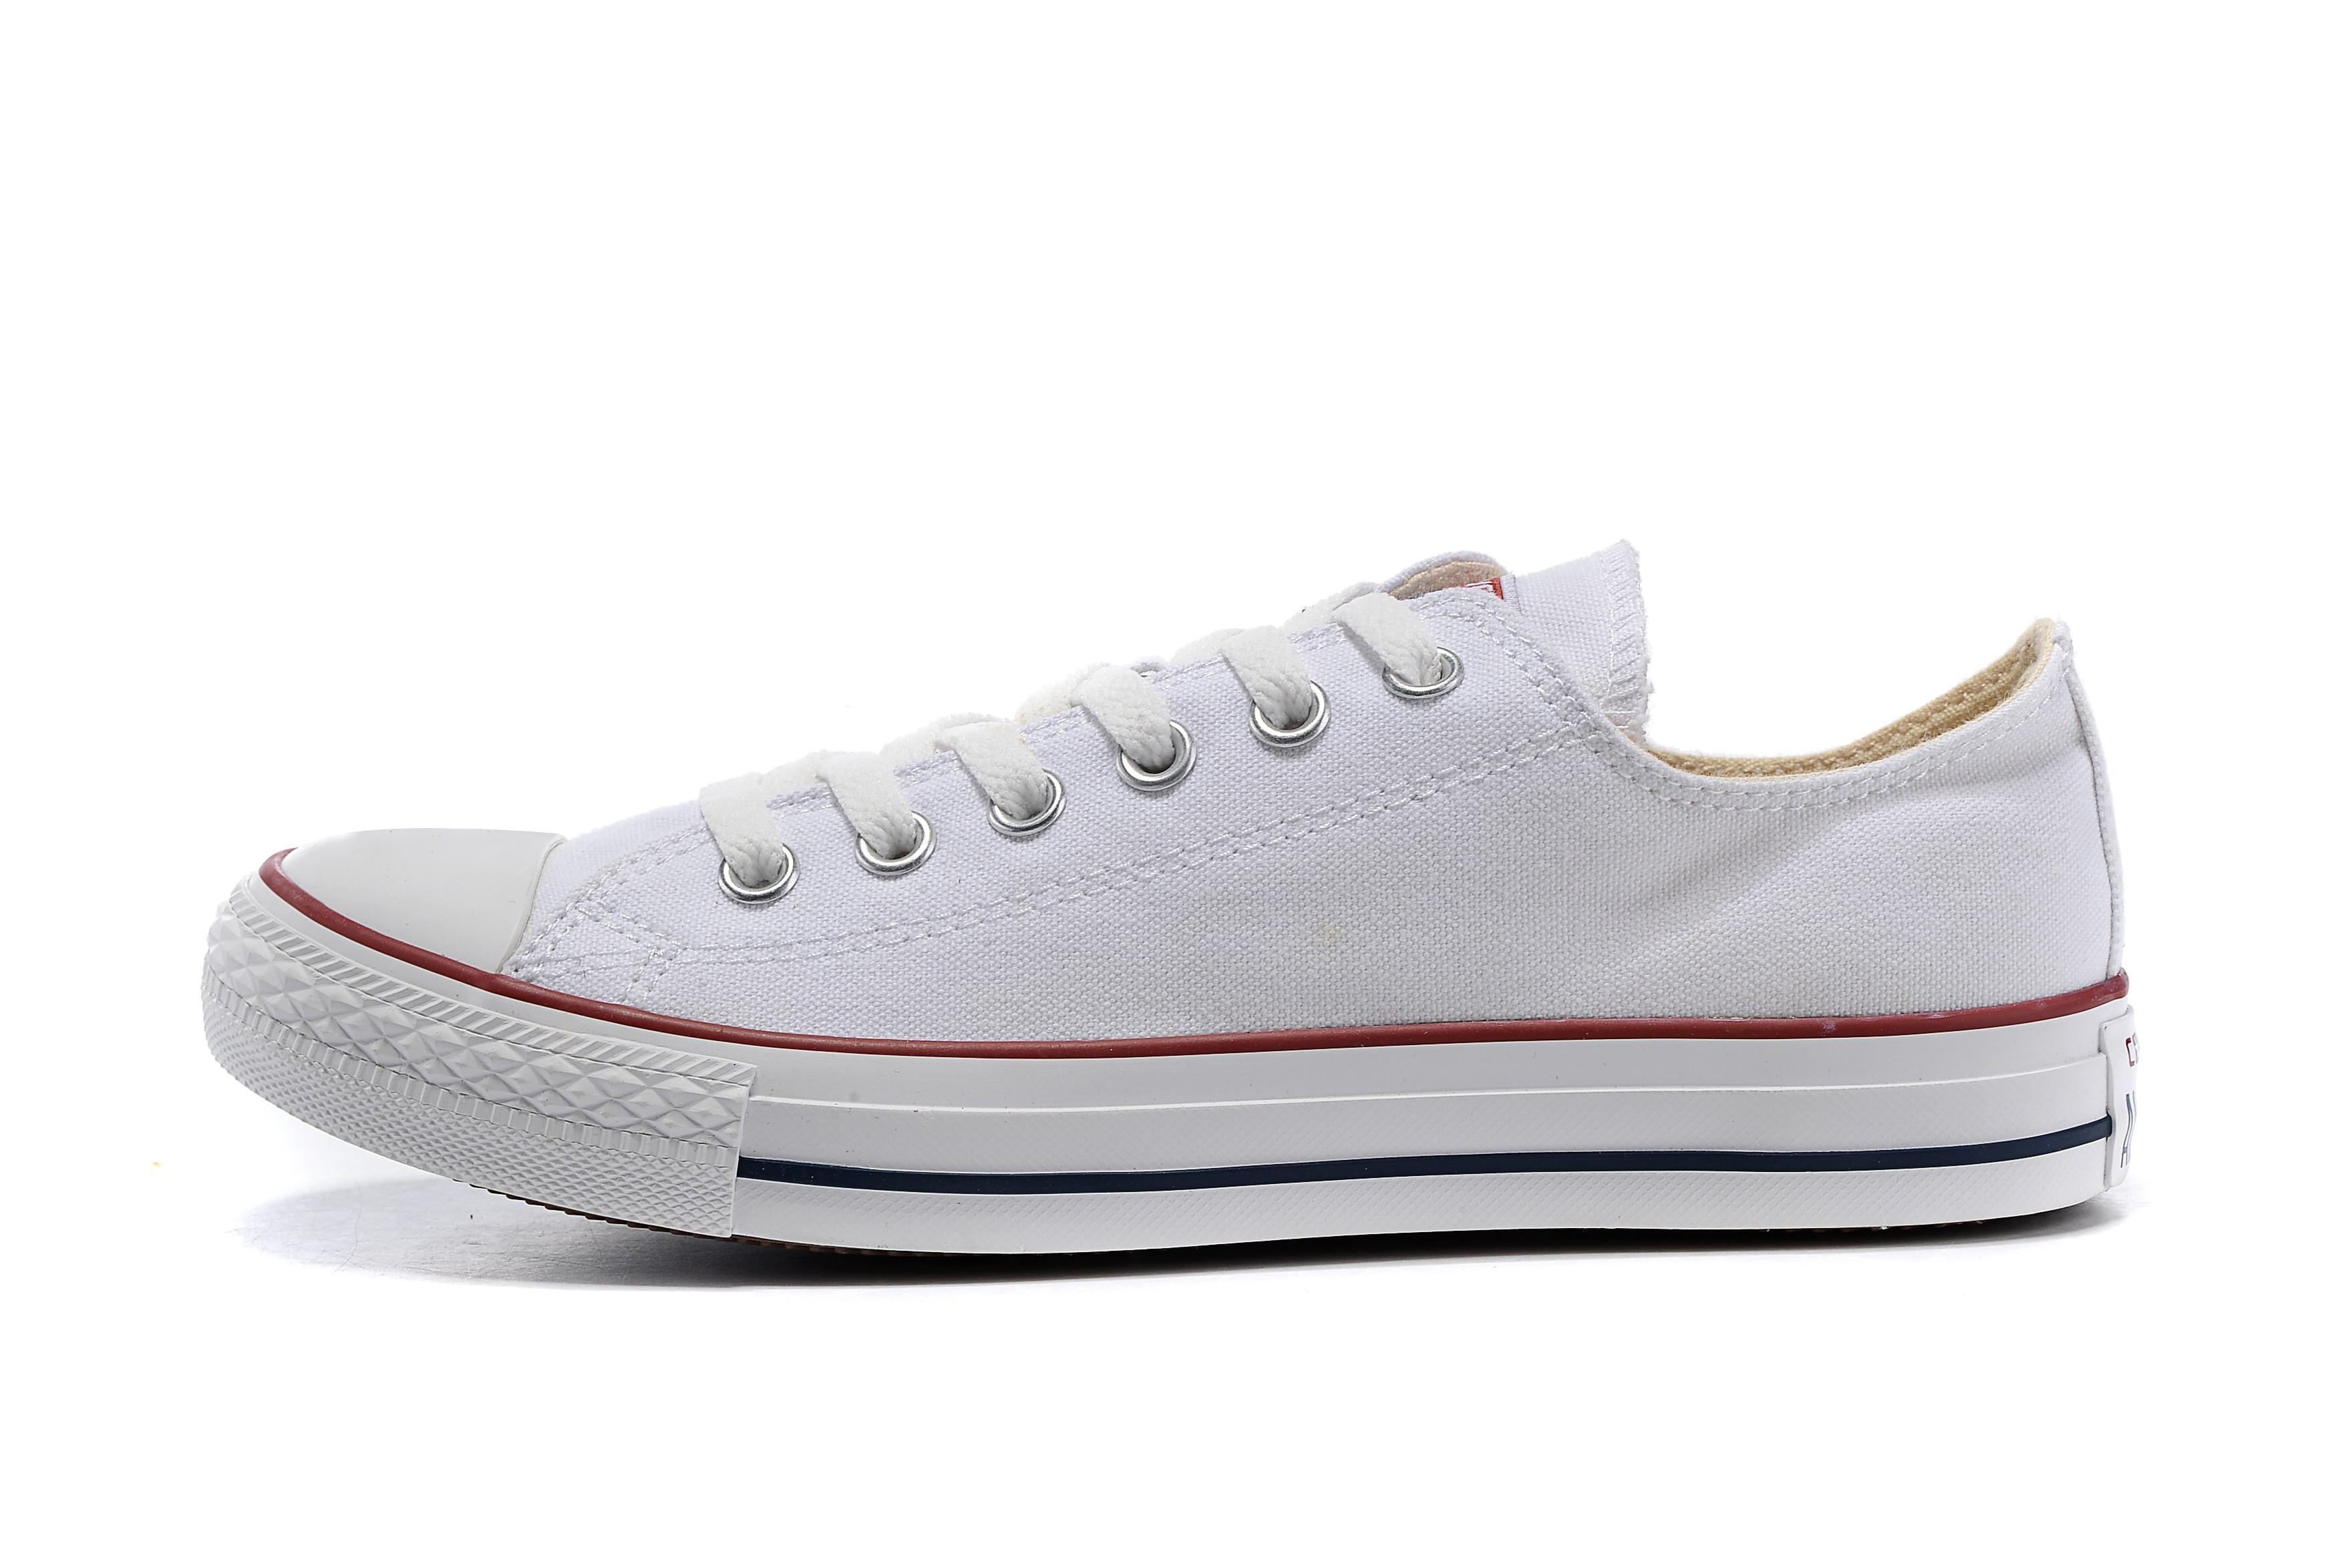 best white converse men low shoes near